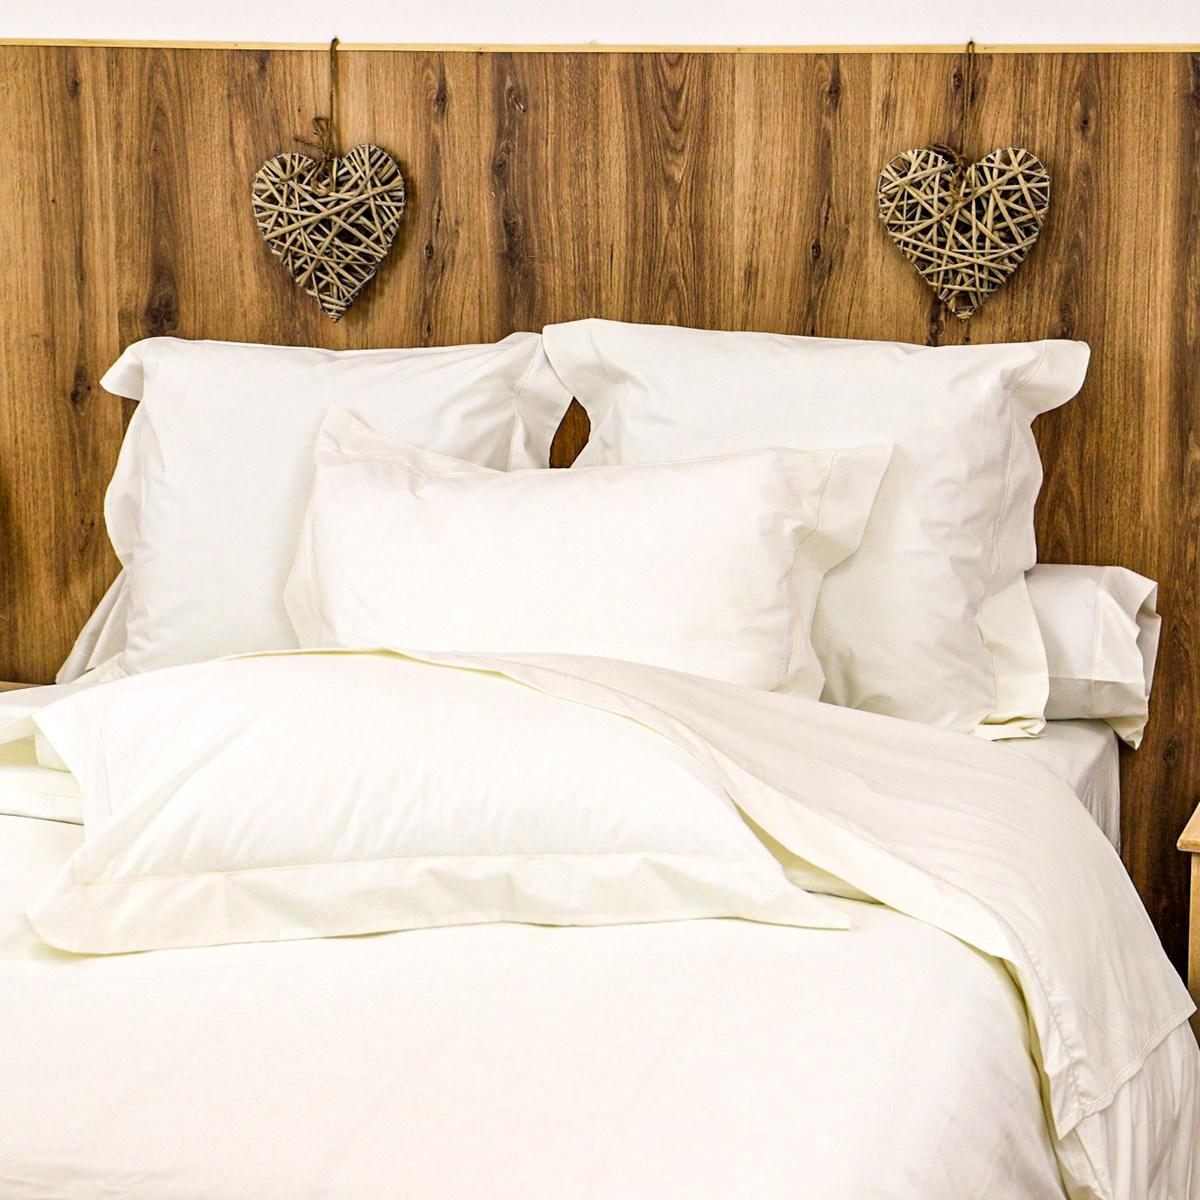 Parure drap plat et taies en percale de coton ivoire 240x290 cm